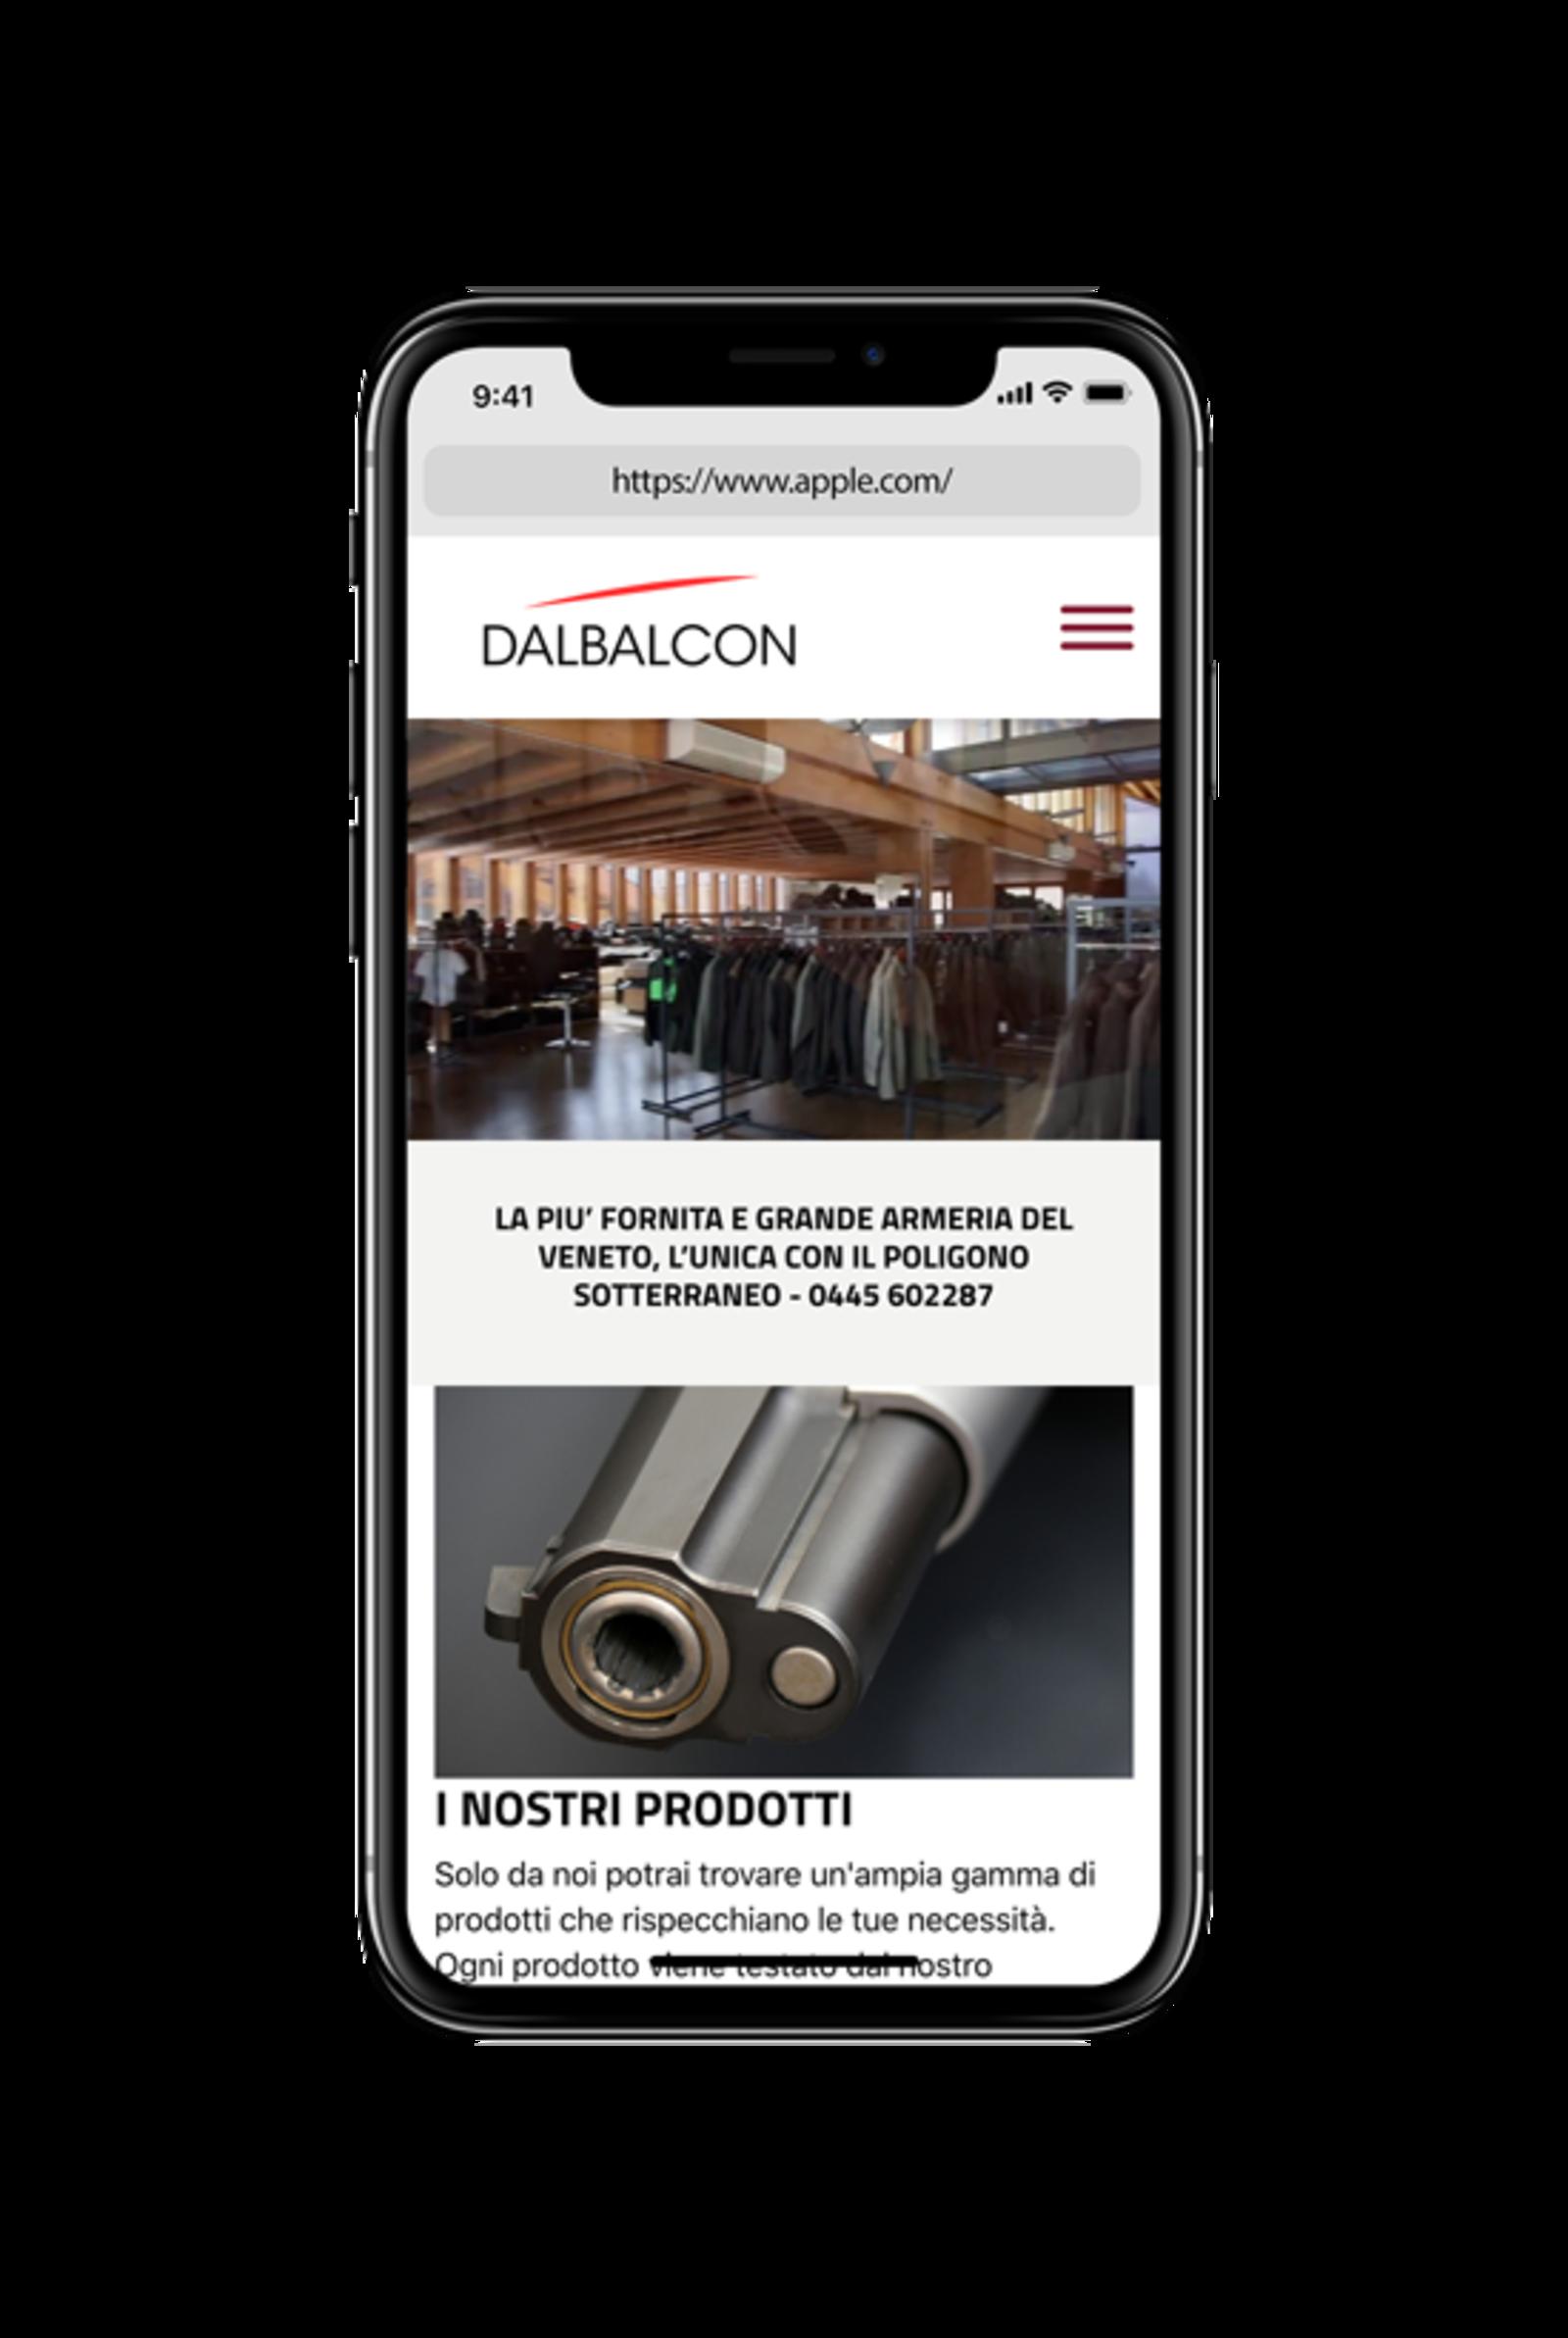 Iphone X che visualizza la home page del sito Armeria Dal Balcon